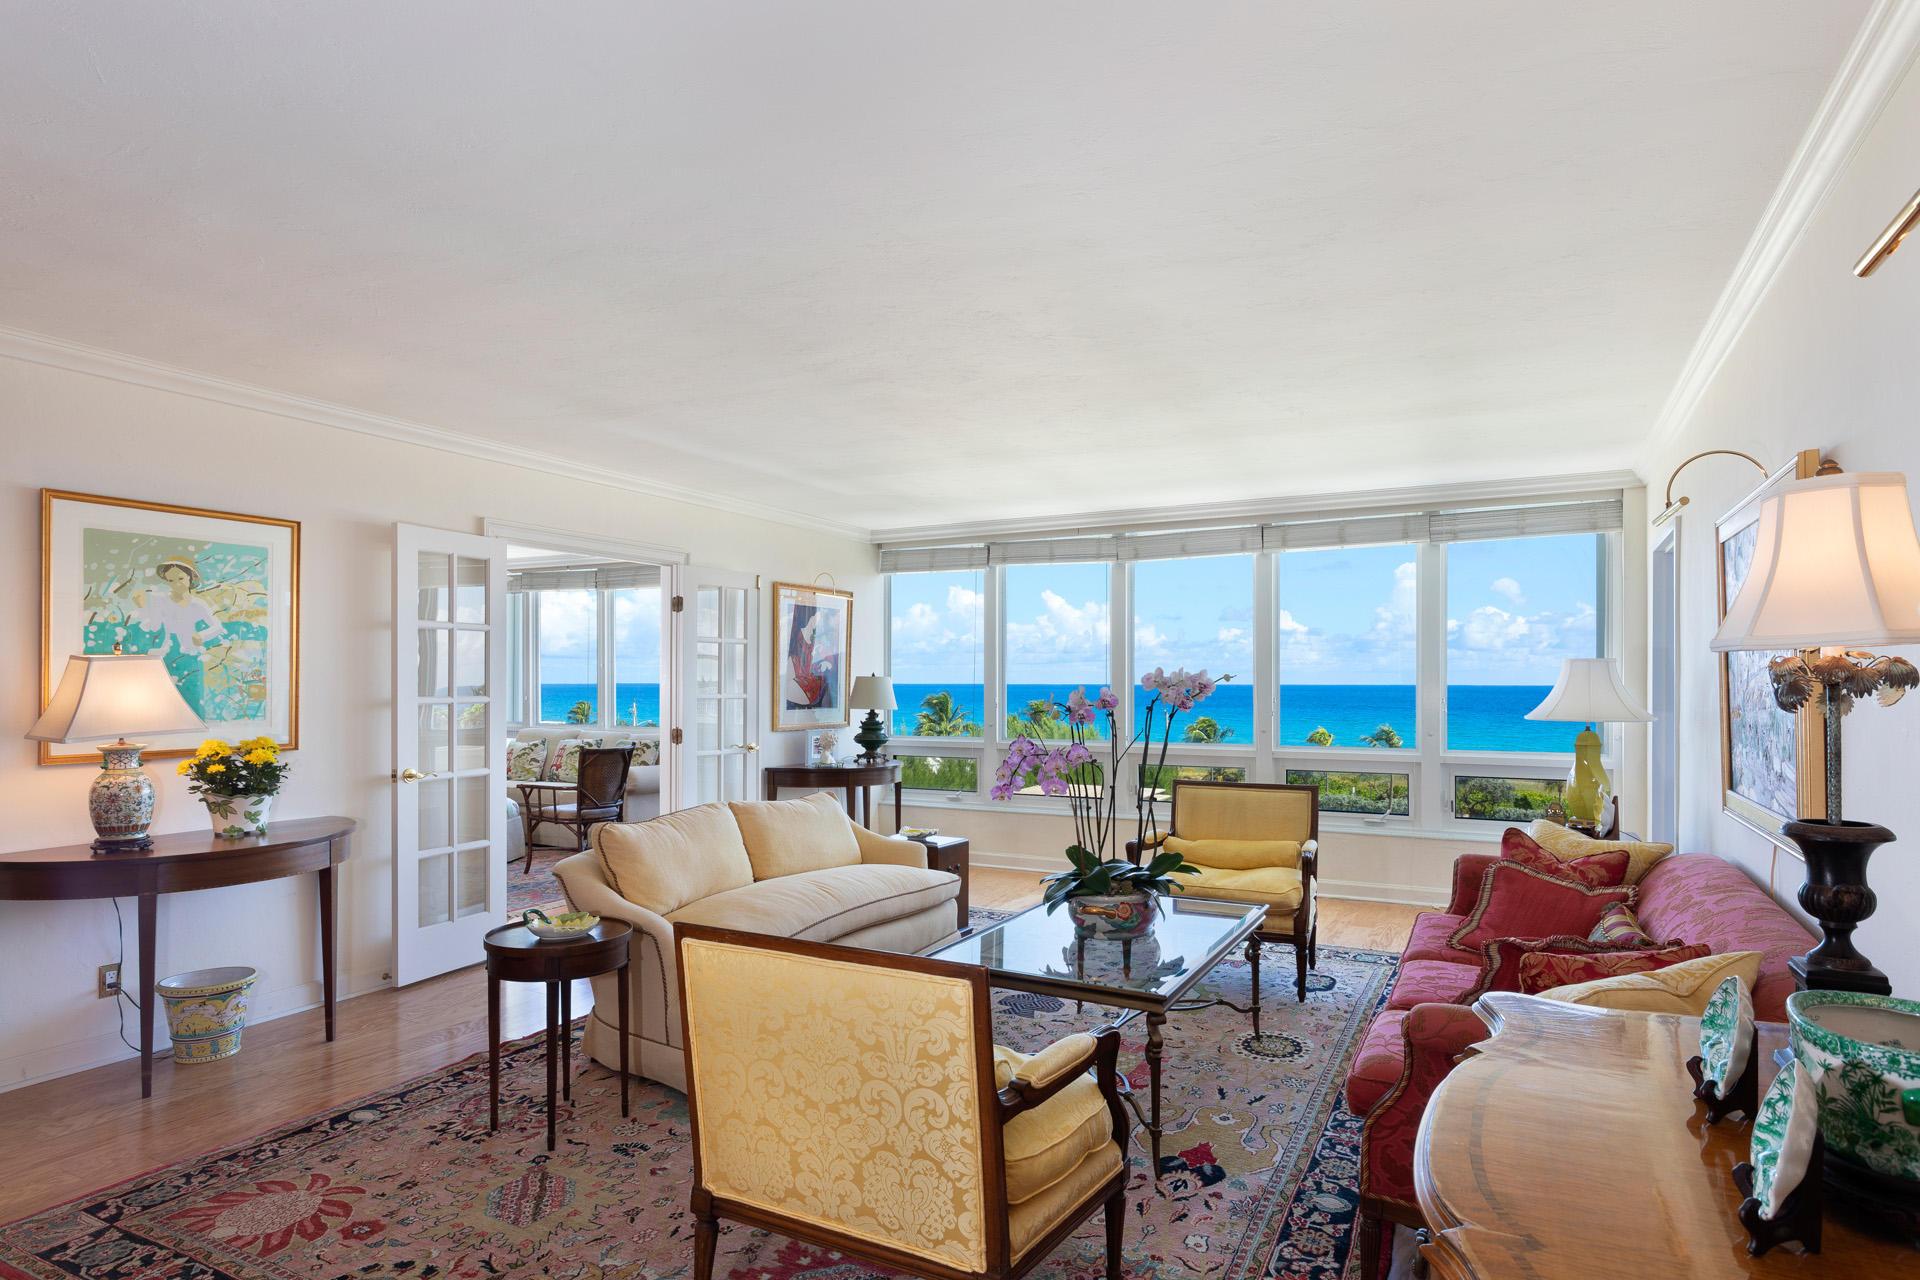 120 Ocean Boulevard, Delray Beach, Florida 33483, 3 Bedrooms Bedrooms, ,3.1 BathroomsBathrooms,Condo/coop,For Sale,Ocean,RX-10576689